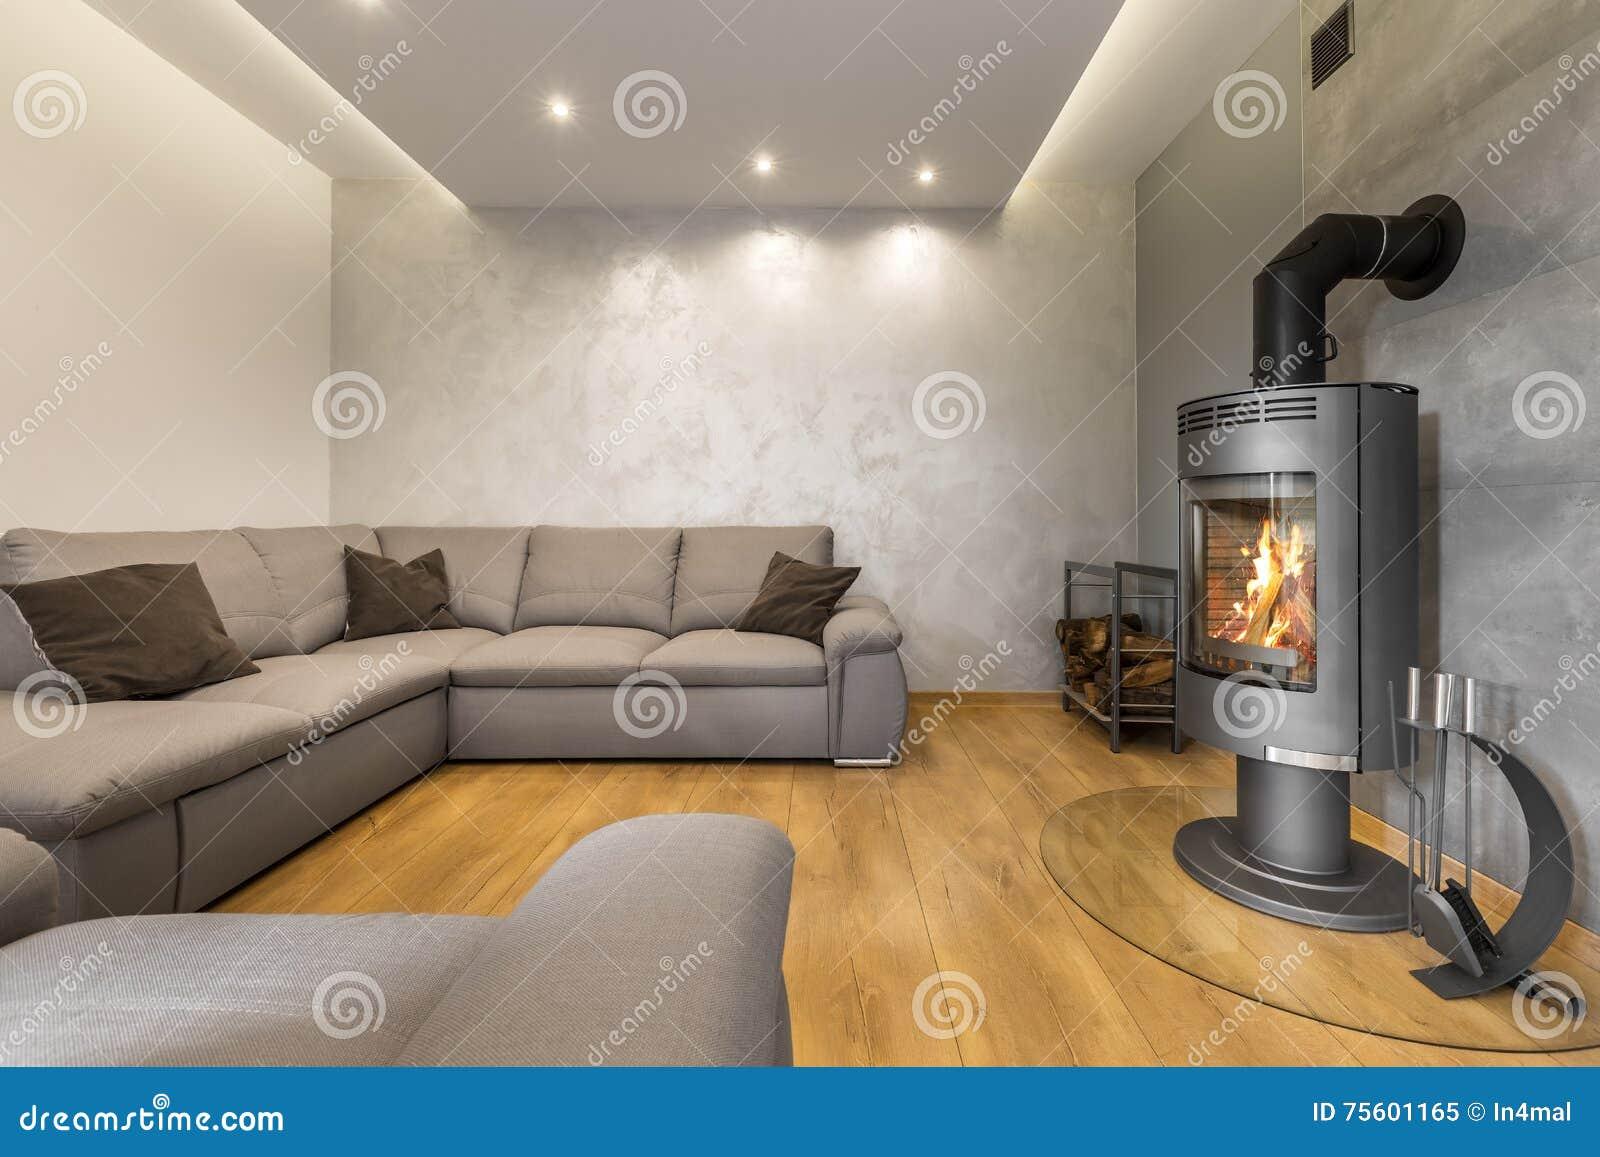 Wohnzimmer Für Große Familie Stockbild - Bild von feuer ...